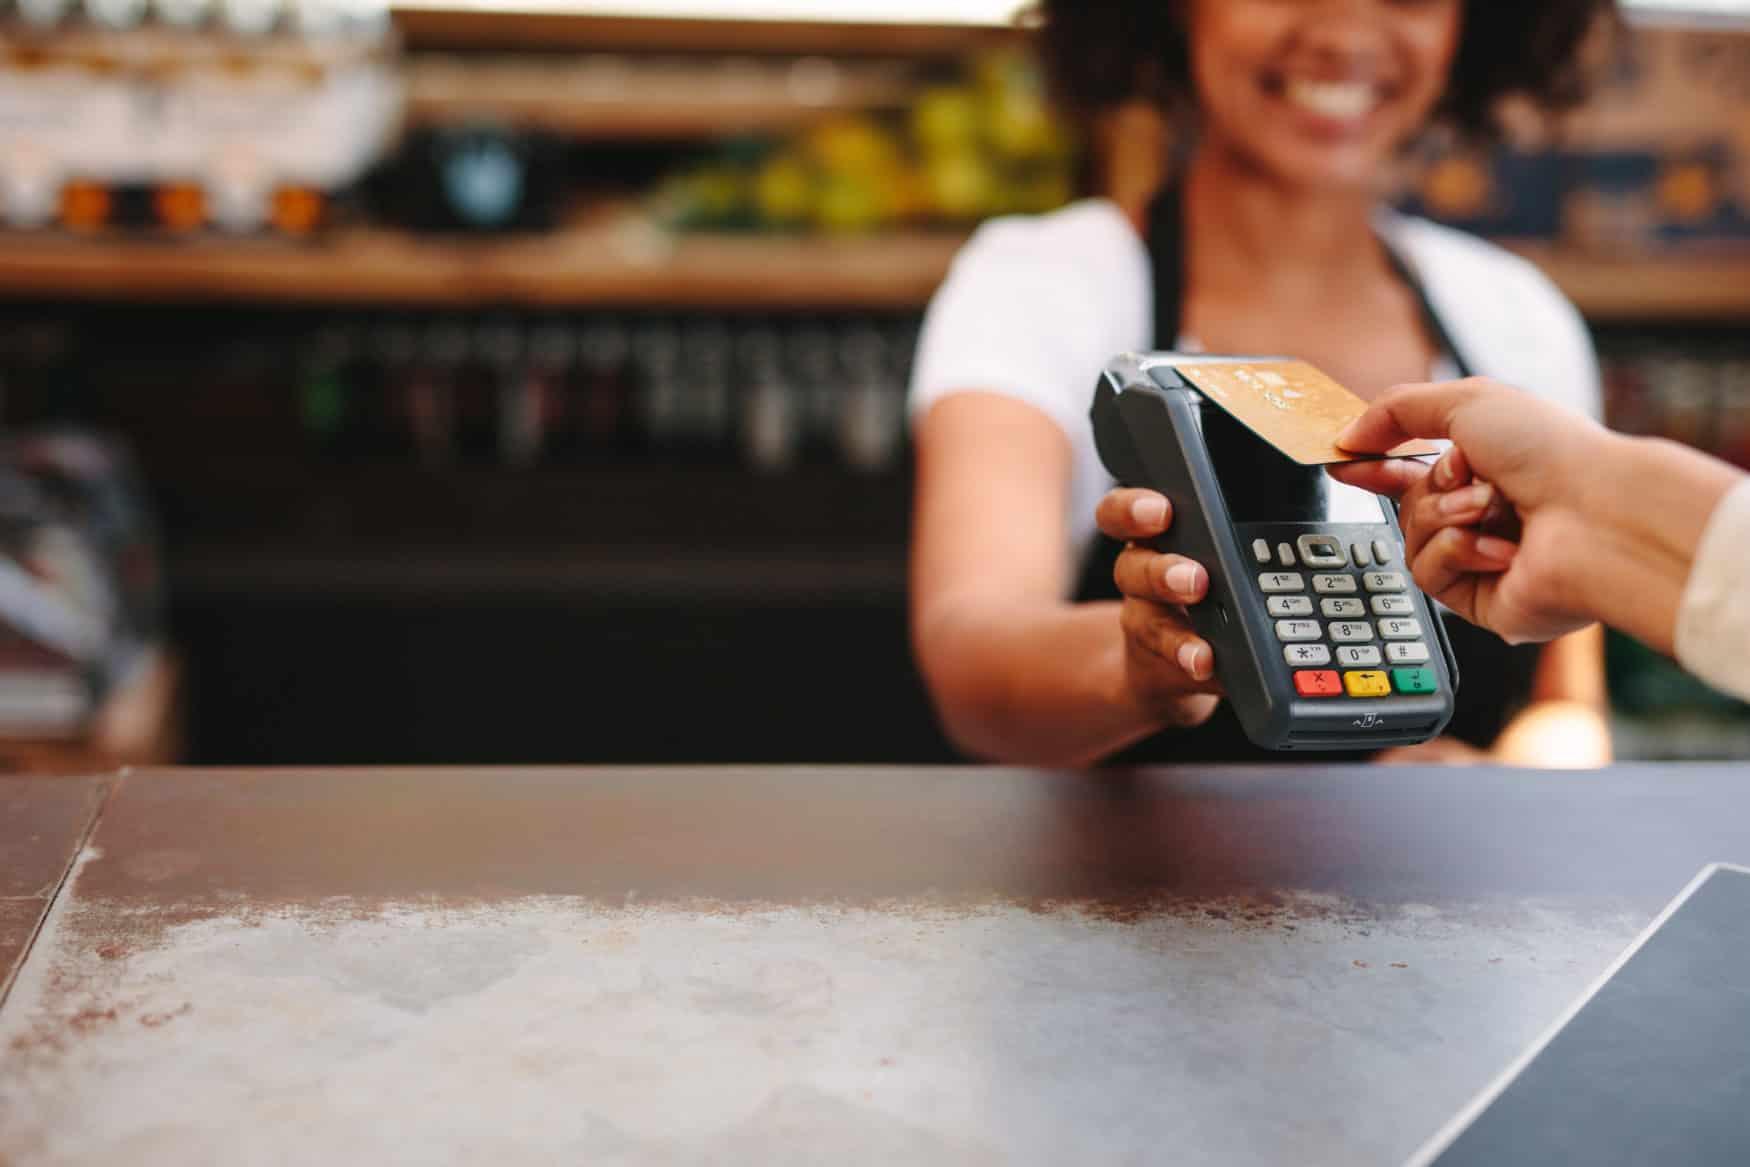 kontaktlos mit bezahlen mit Kreditkarte